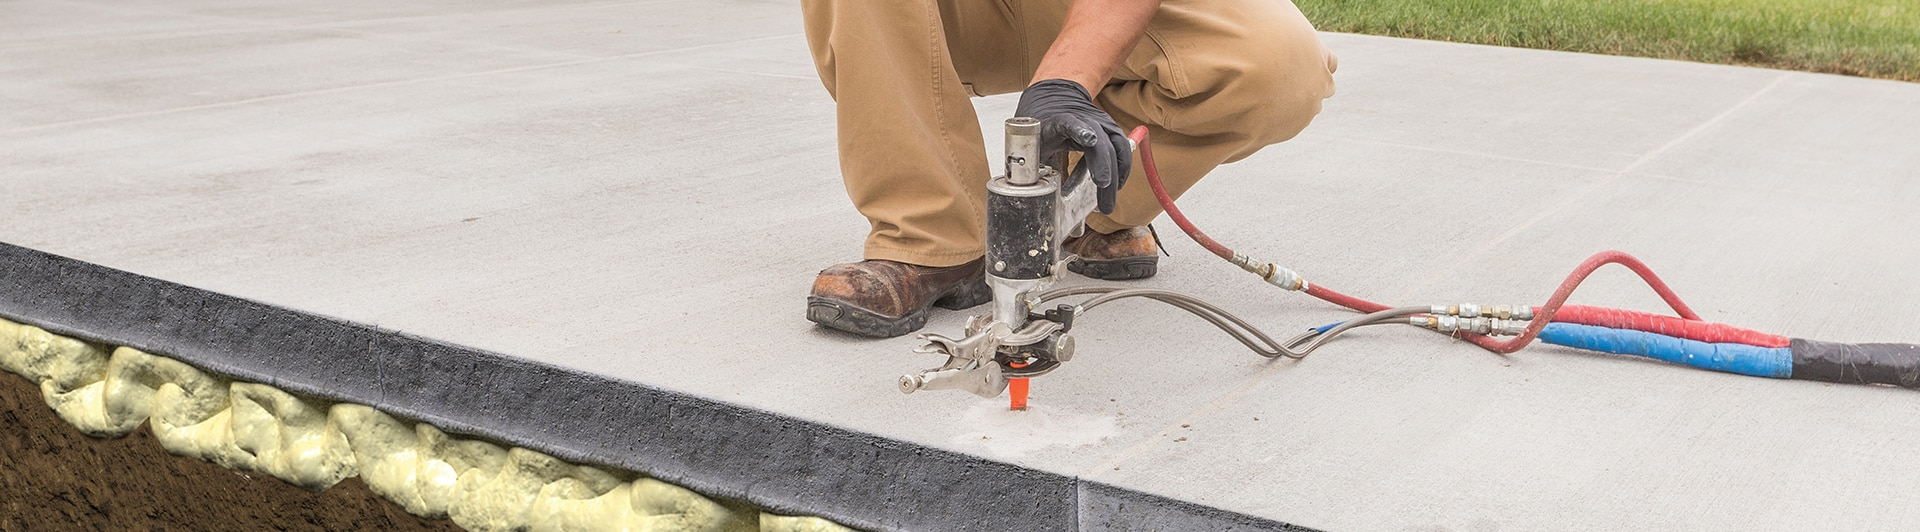 Concrete Leveling - Concrete Repair | Total Foundation Solutions